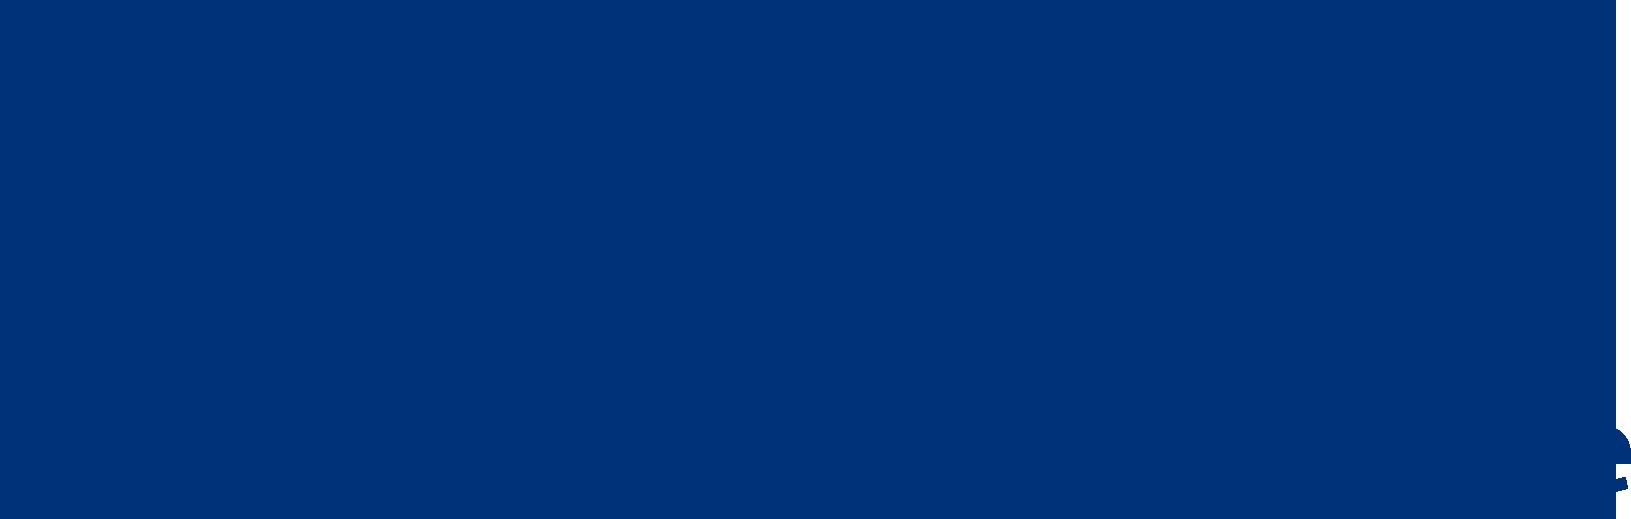 idc-logo.png